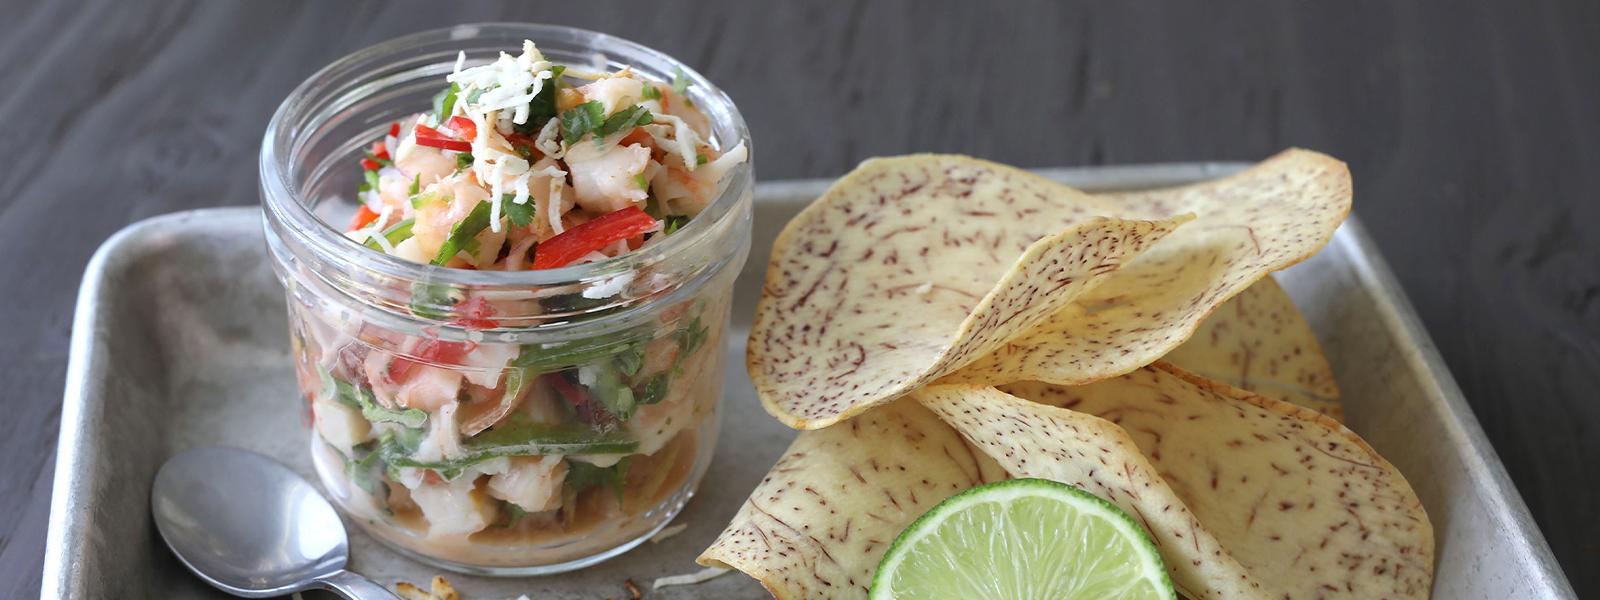 RECIPE: Coconut Shrimp Ceviche